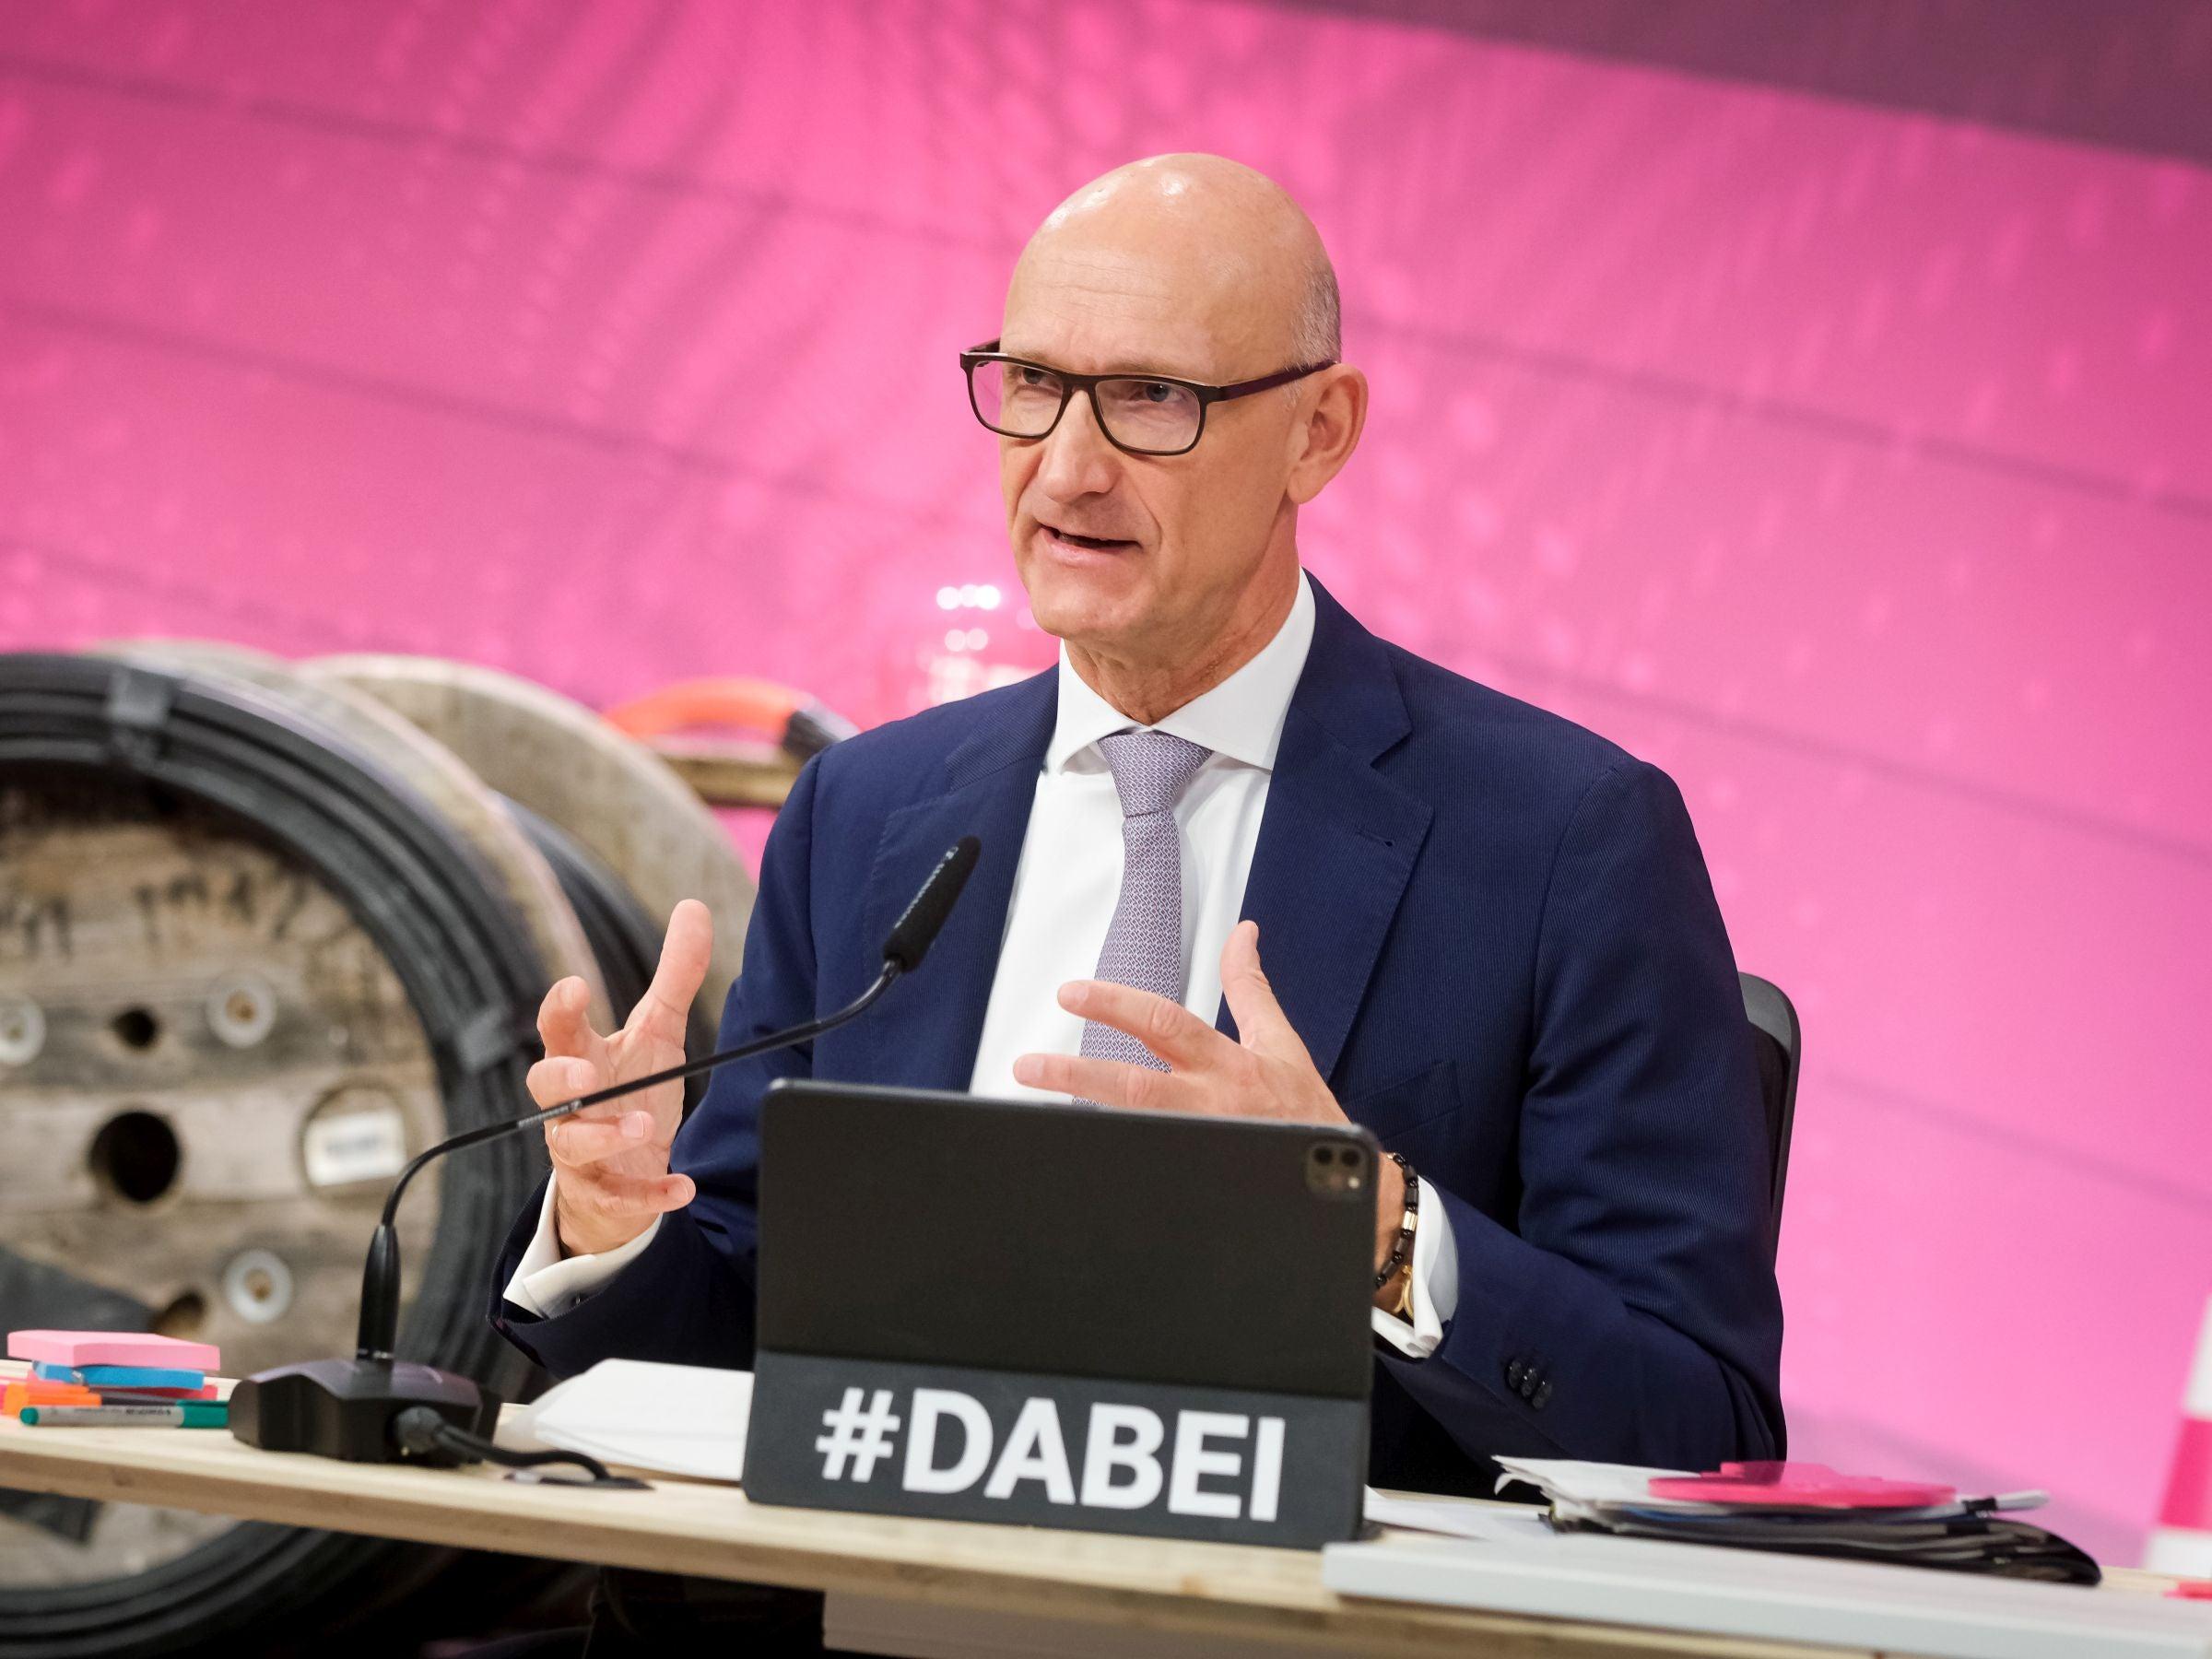 Internet per Kabel: So giftet der Telekom-Chef gegen Vodafone - inside digital